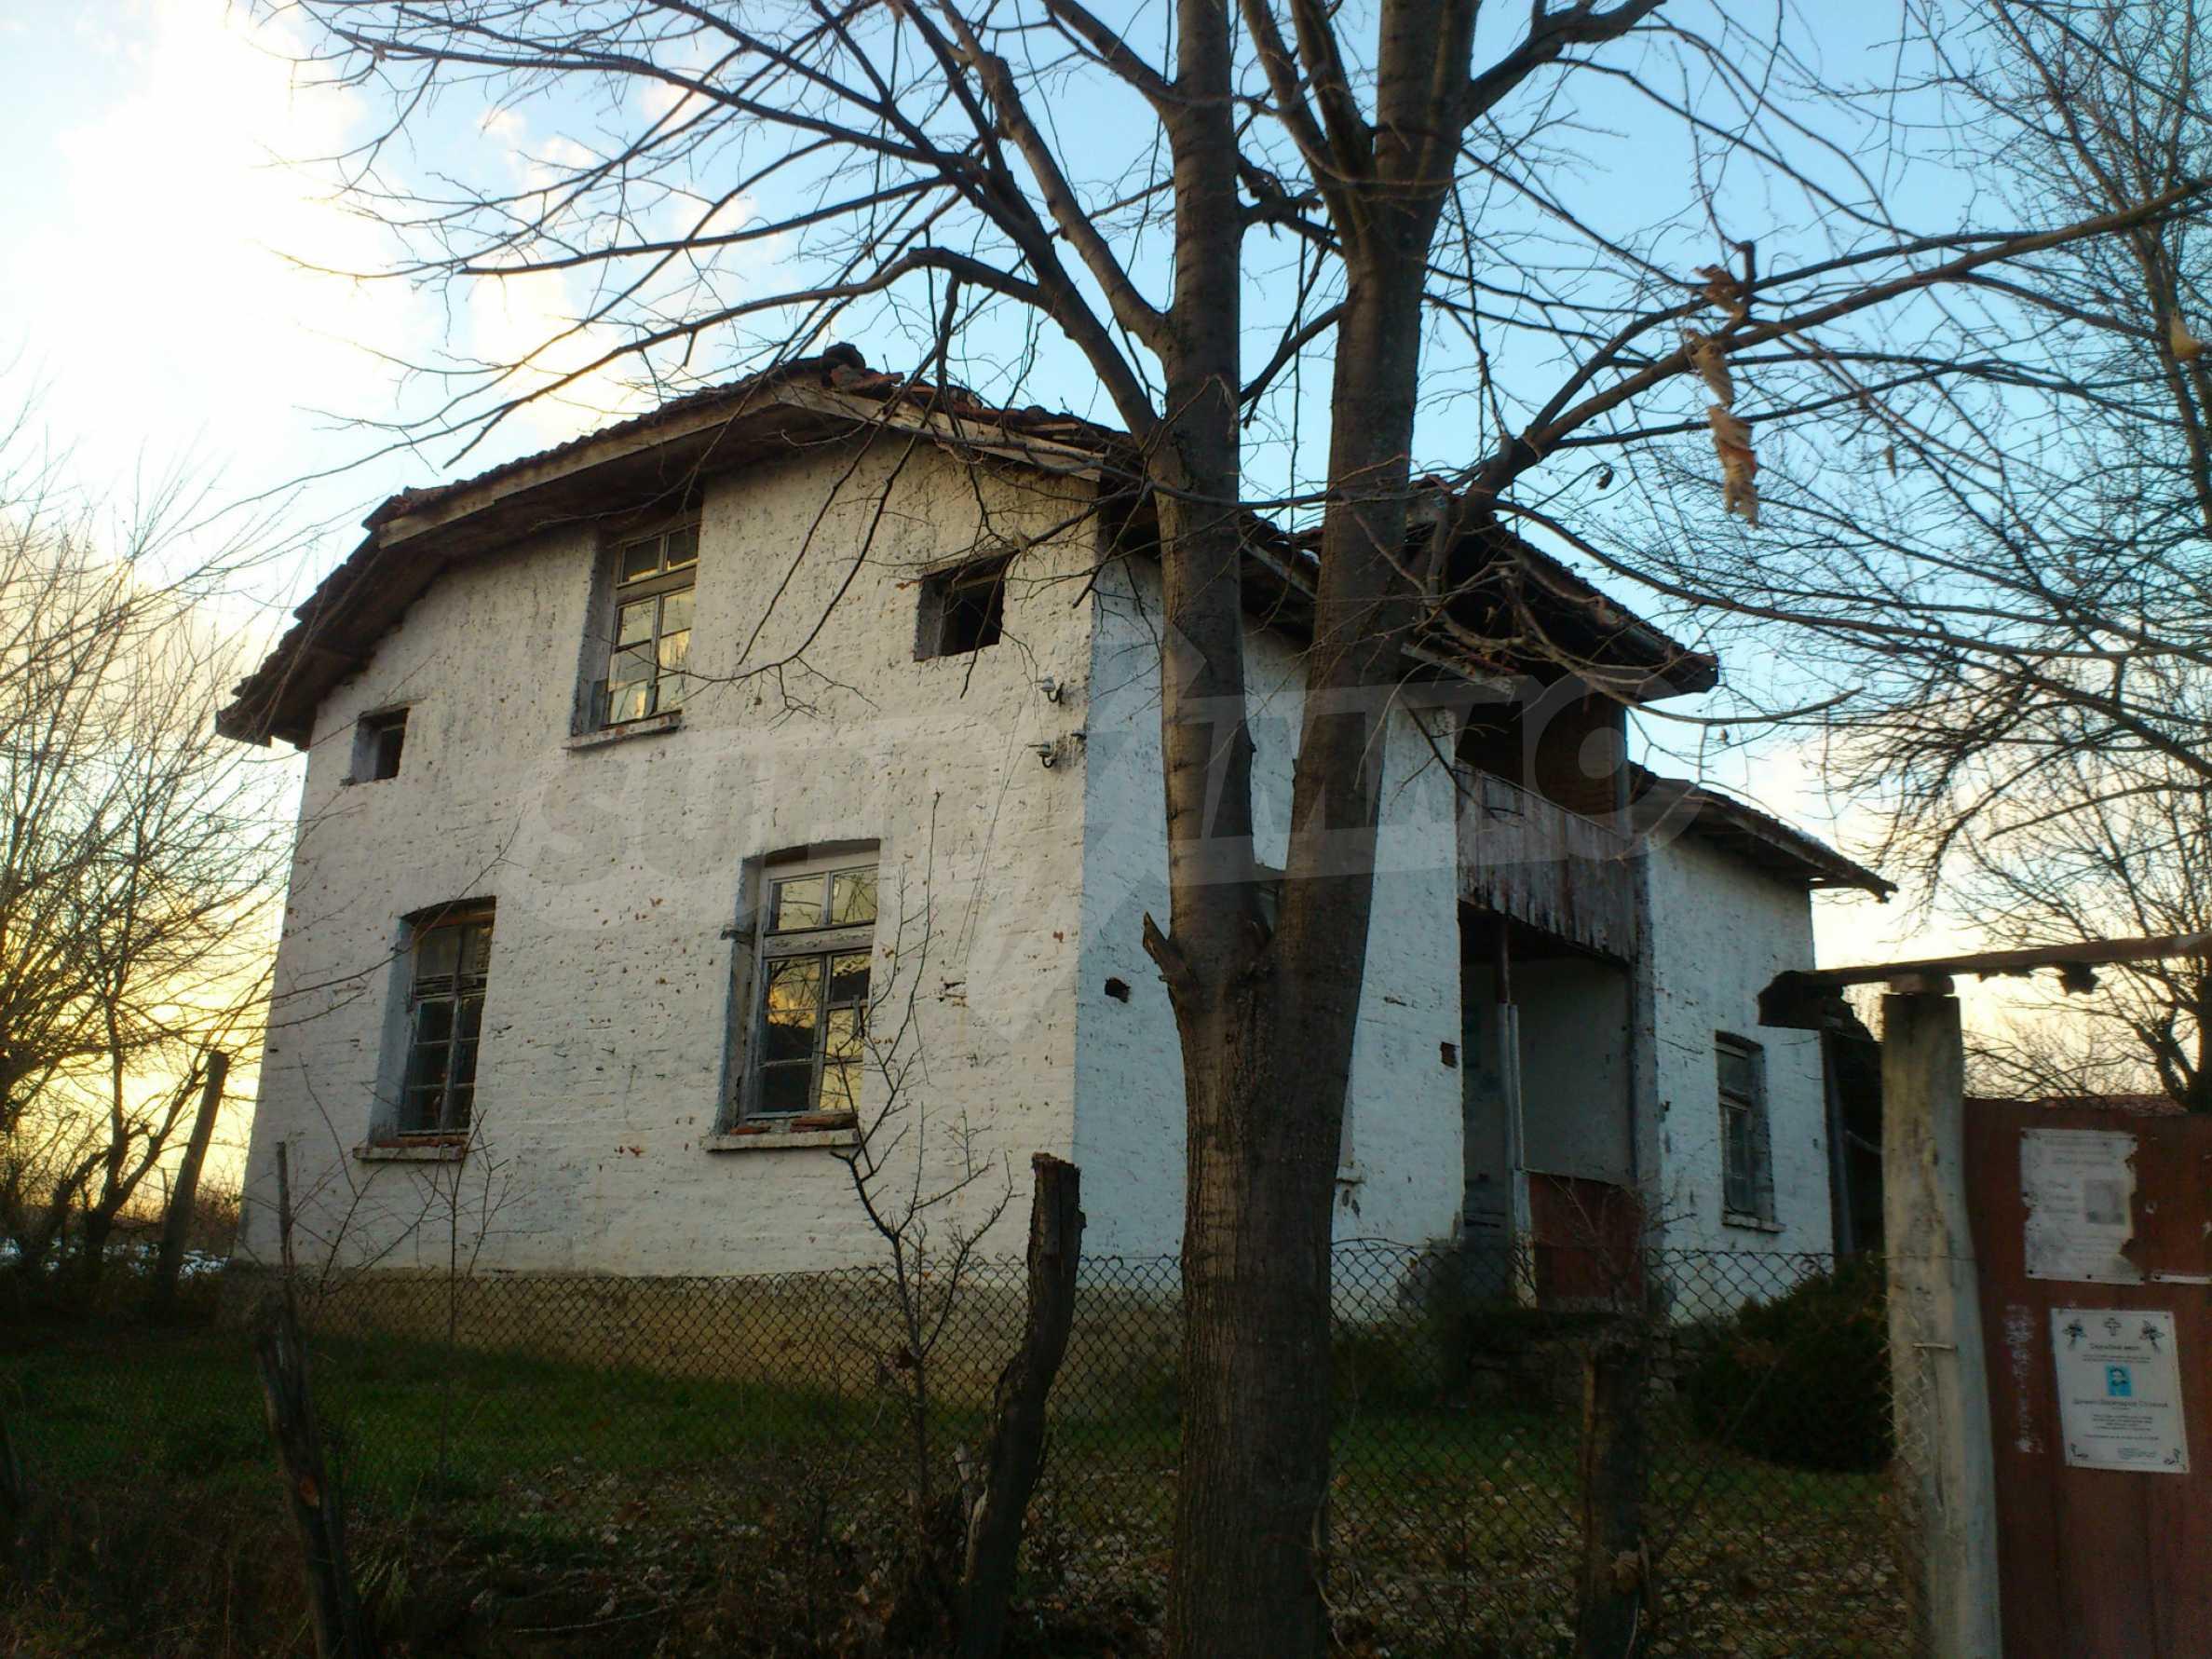 Altes Haus in einem Bergdorf, 20 km von der Stadt Sevlievo entfernt 5